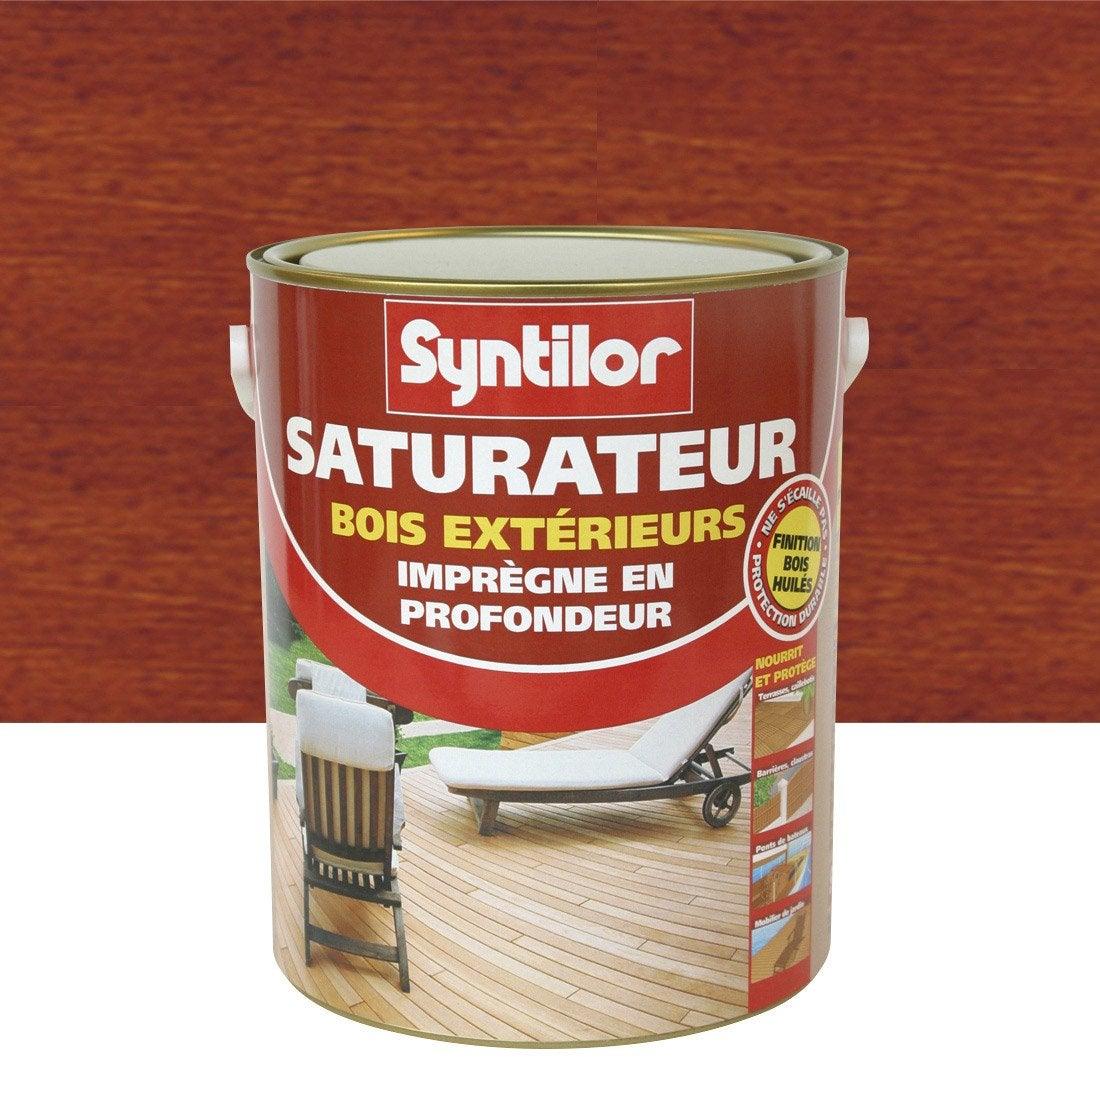 Saturateur bois SYNTILOR, bois exotique, aspect mat, 25 L  Leroy